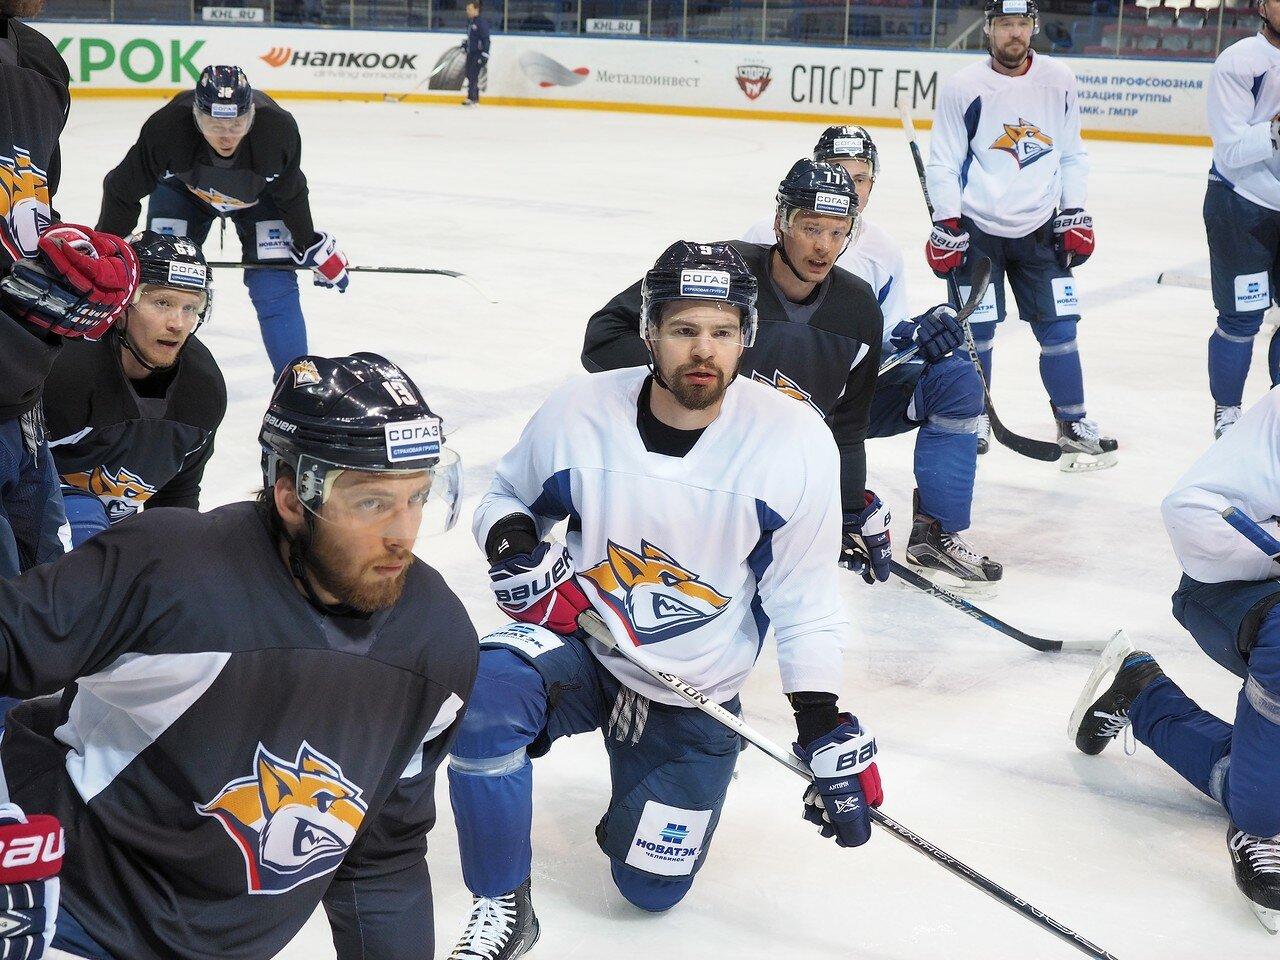 35 Открытая тренировка перед финалом плей-офф восточной конференции КХЛ 2017 22.03.2017